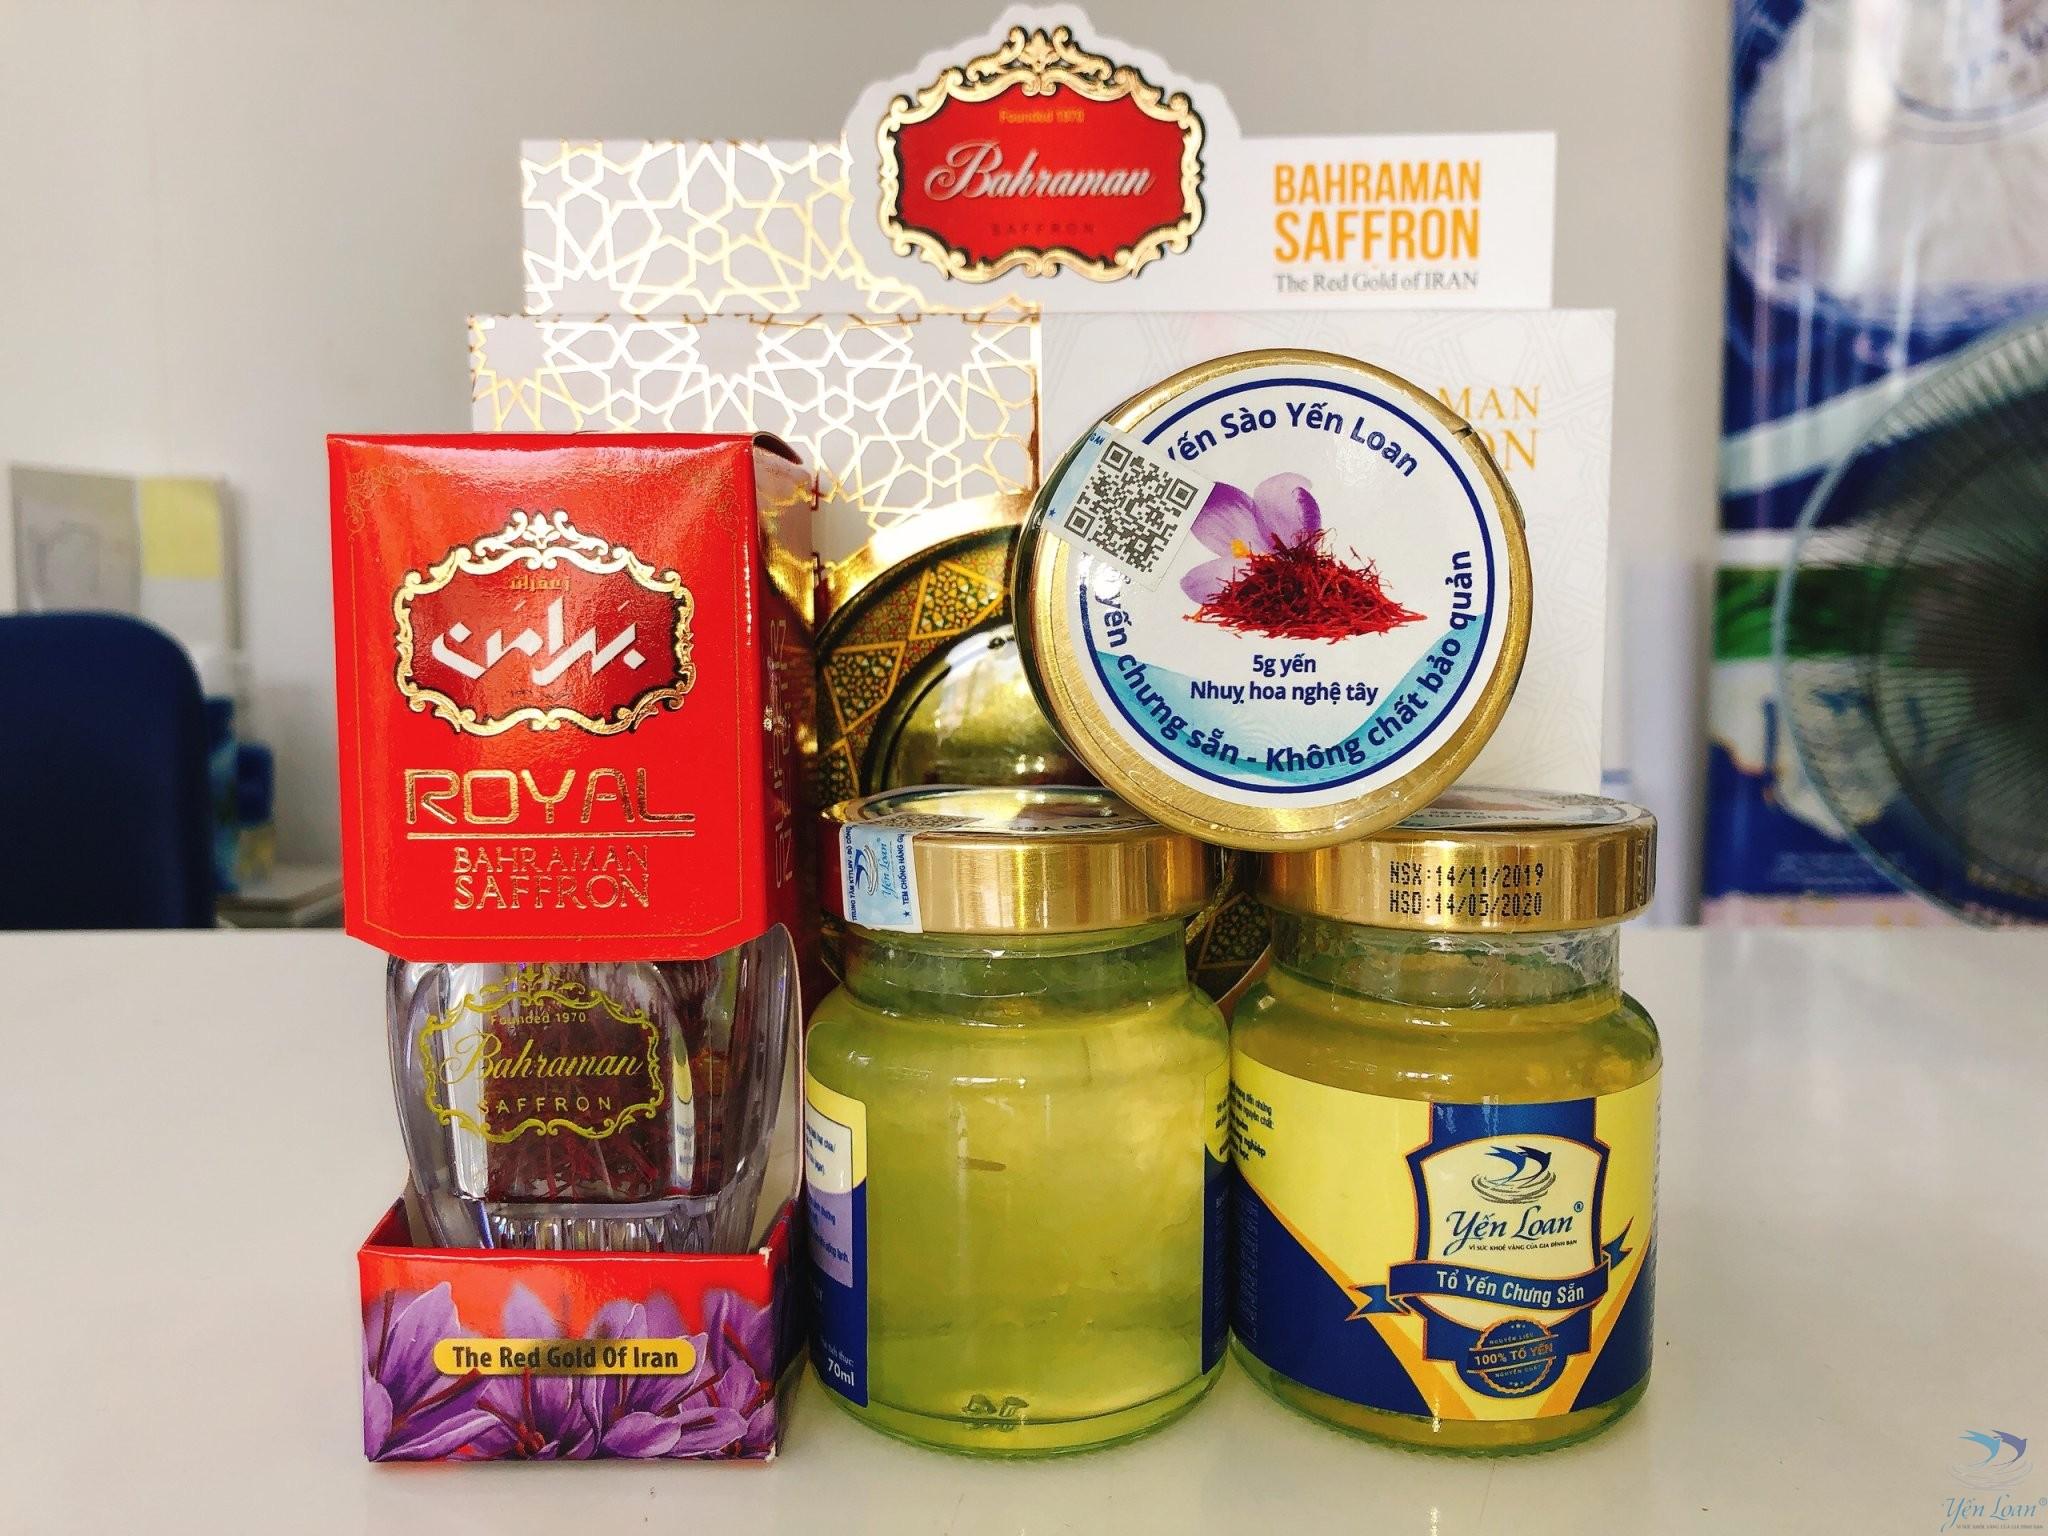 Yến chưng saffron Tây Á – Món quà đến từ thiên nhiên